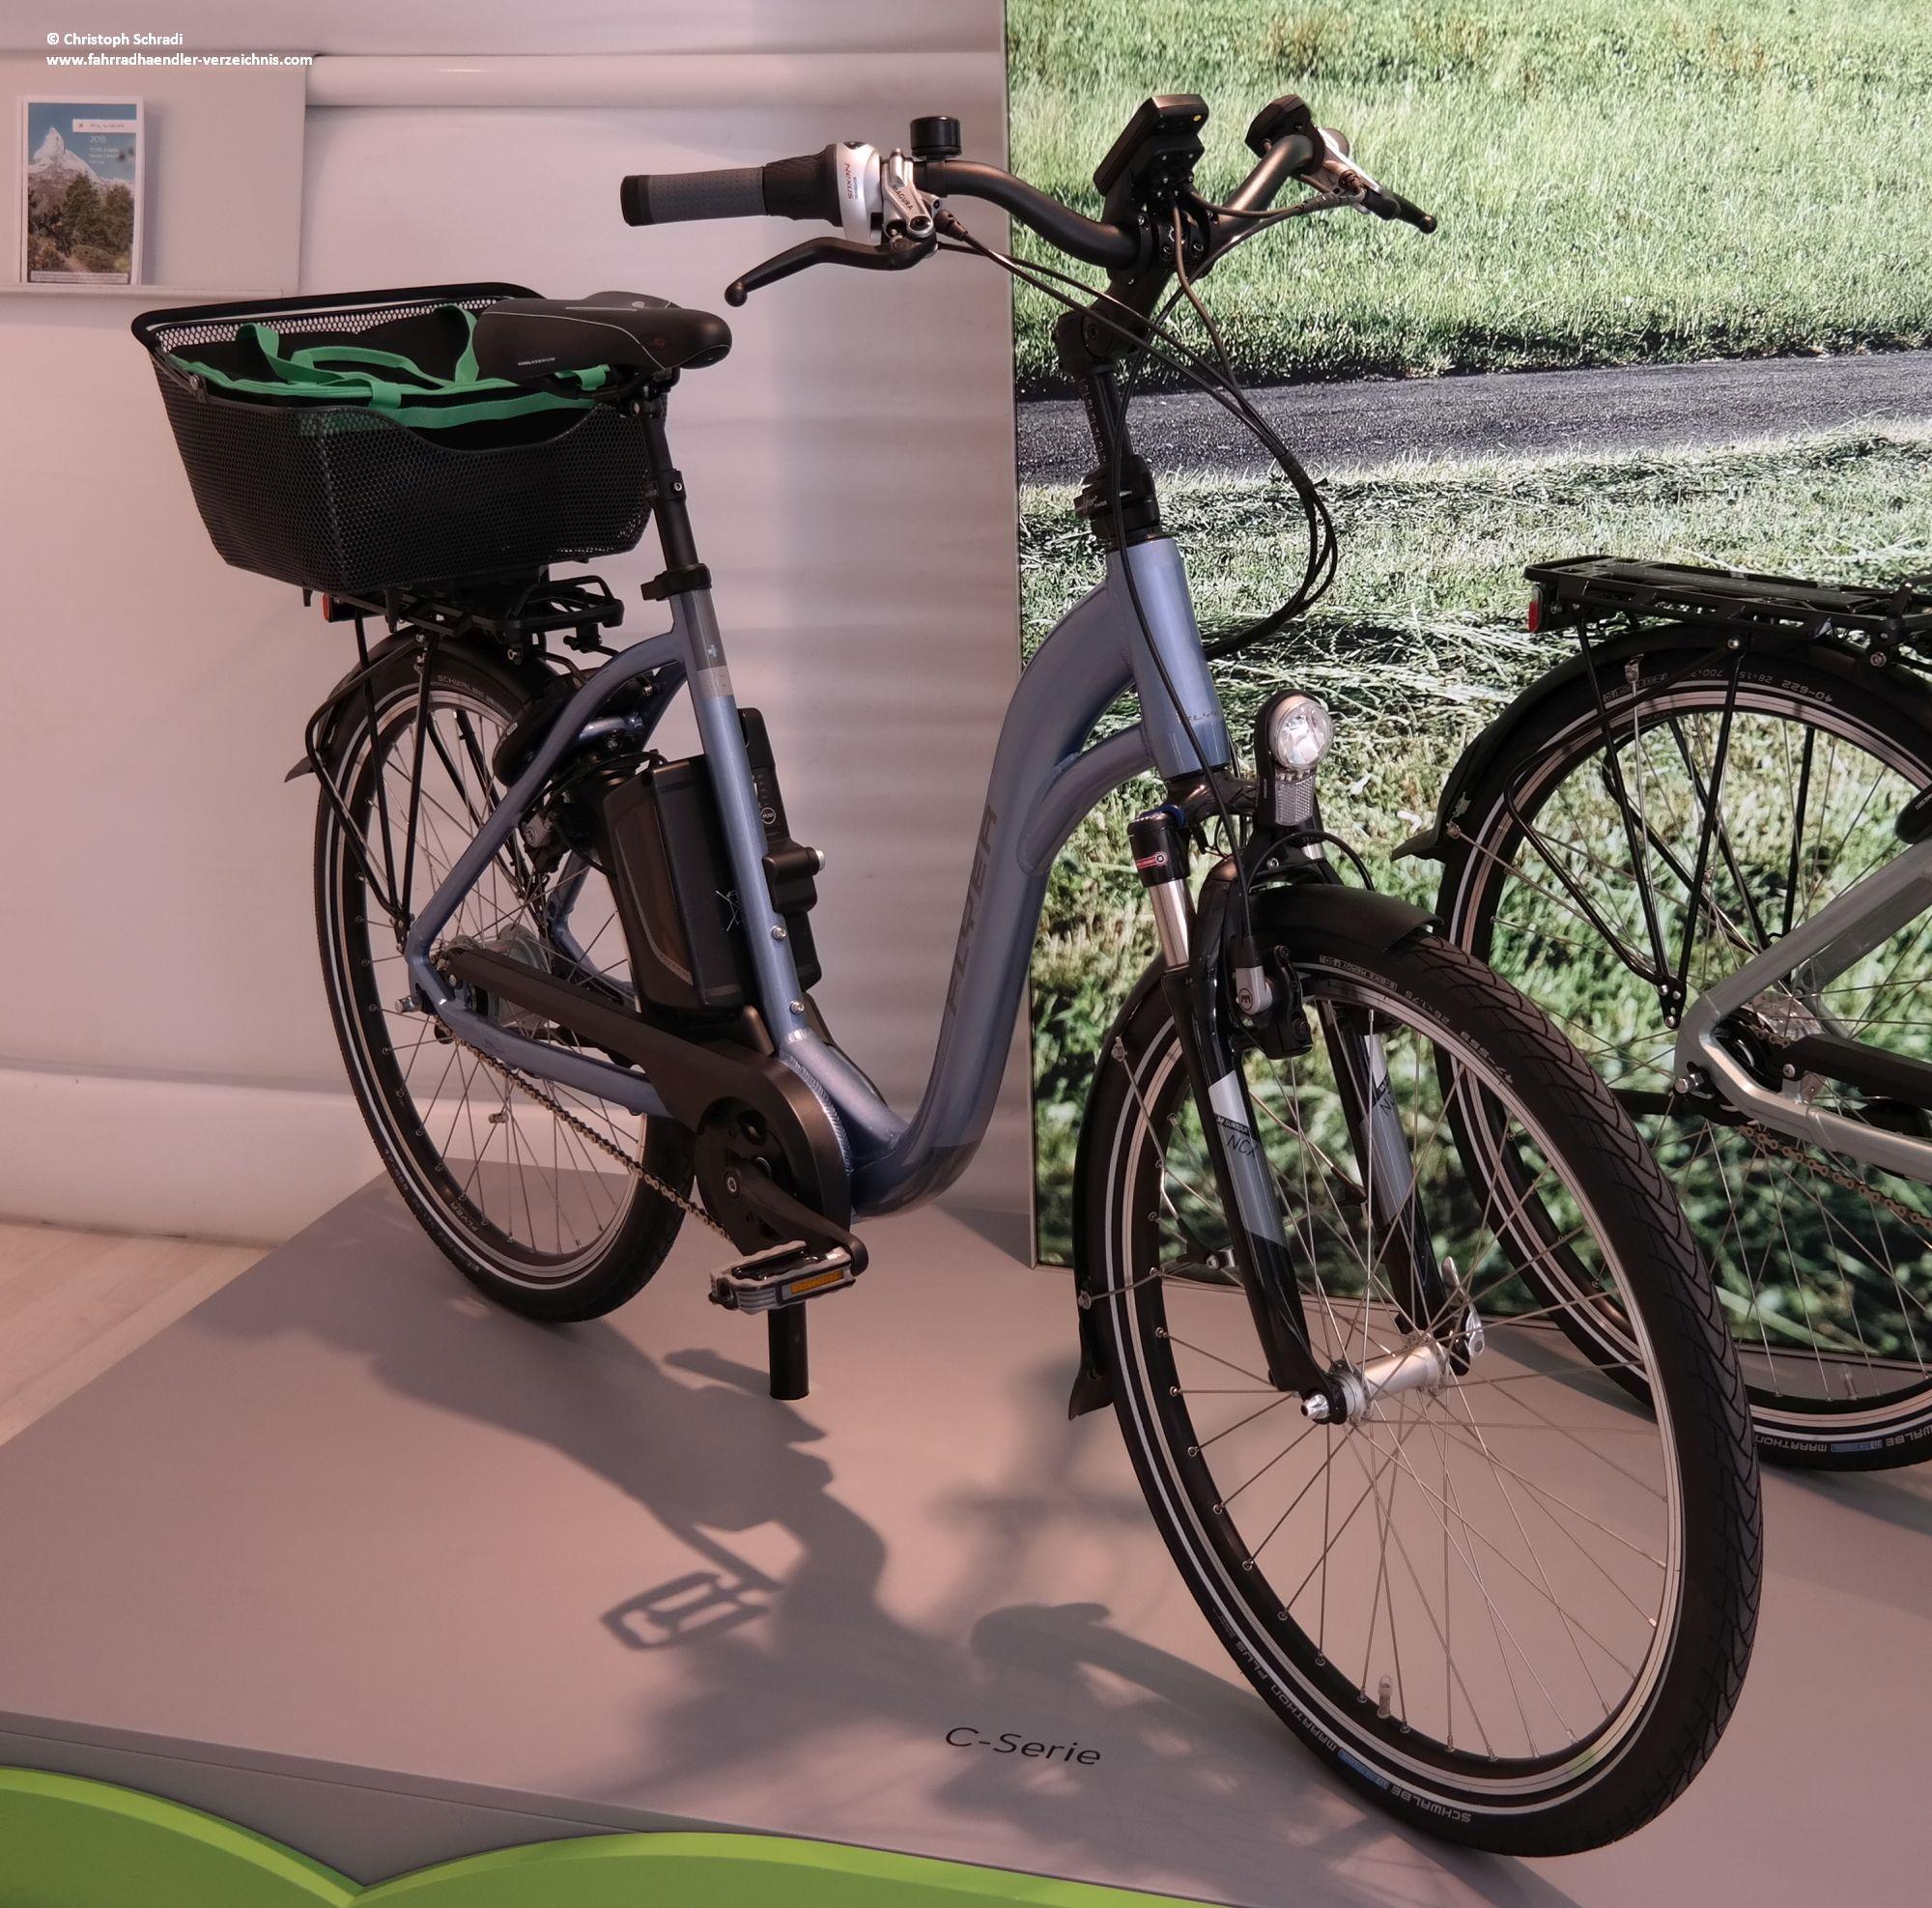 begehrteste Mode billig werden günstiger Preis Citybikes - schicke, aufrechte Räder für die Stadt